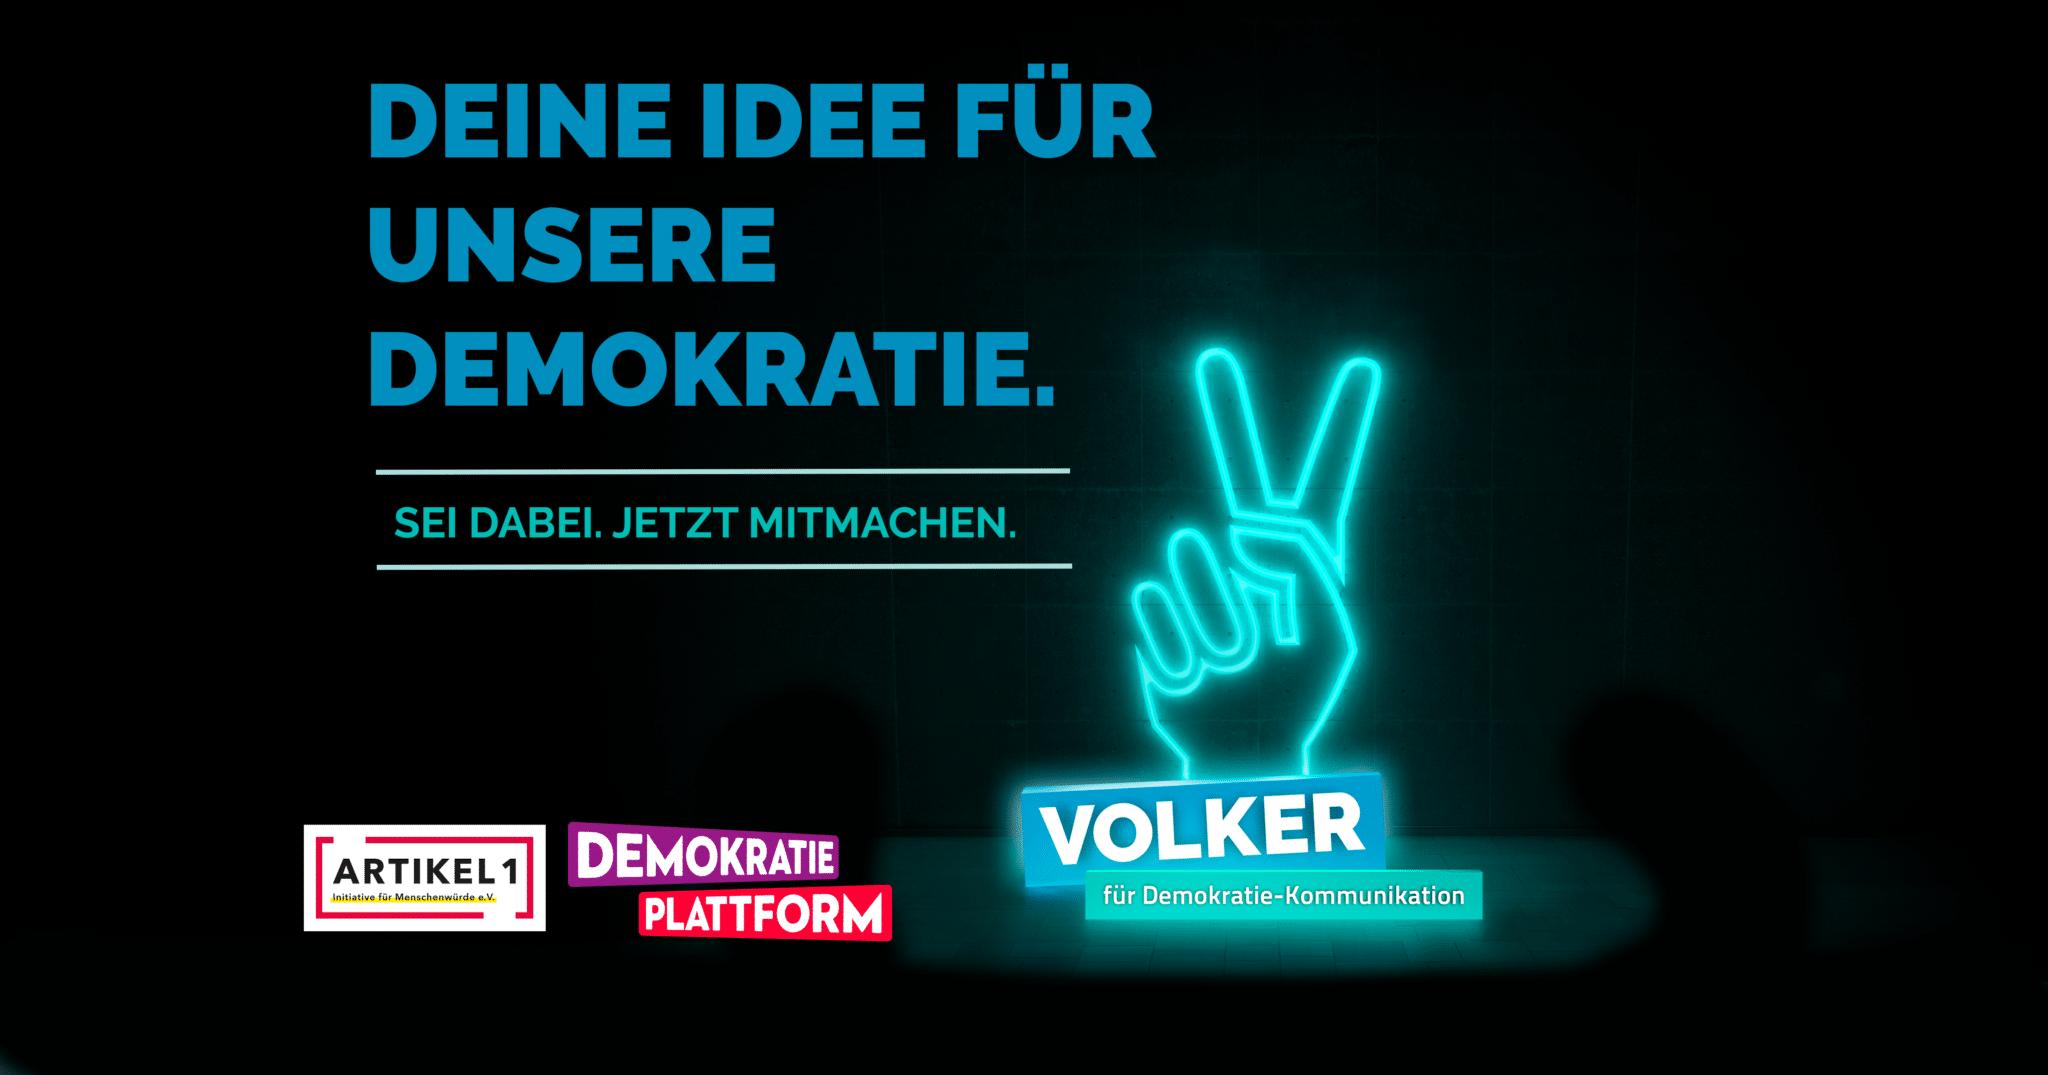 Demokratiewettbewerb VOLKER geht in die nächste Runde